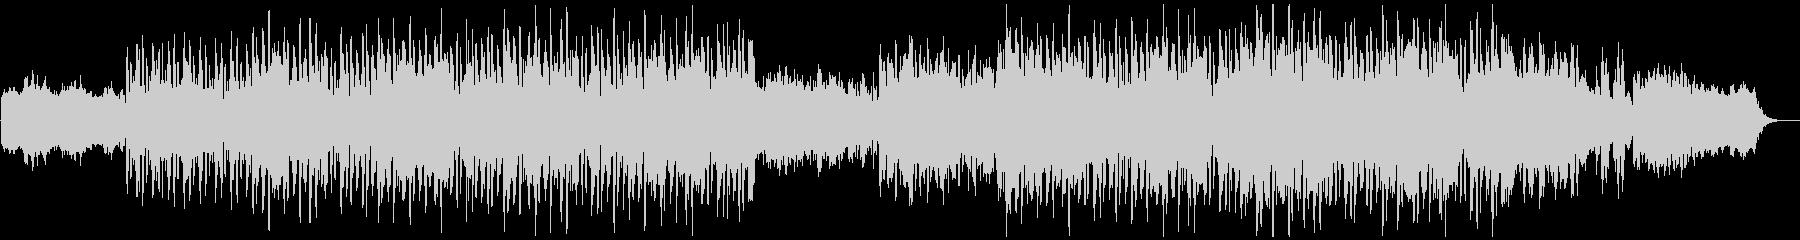 和風音階を使った幻想的ドラムンベースの未再生の波形